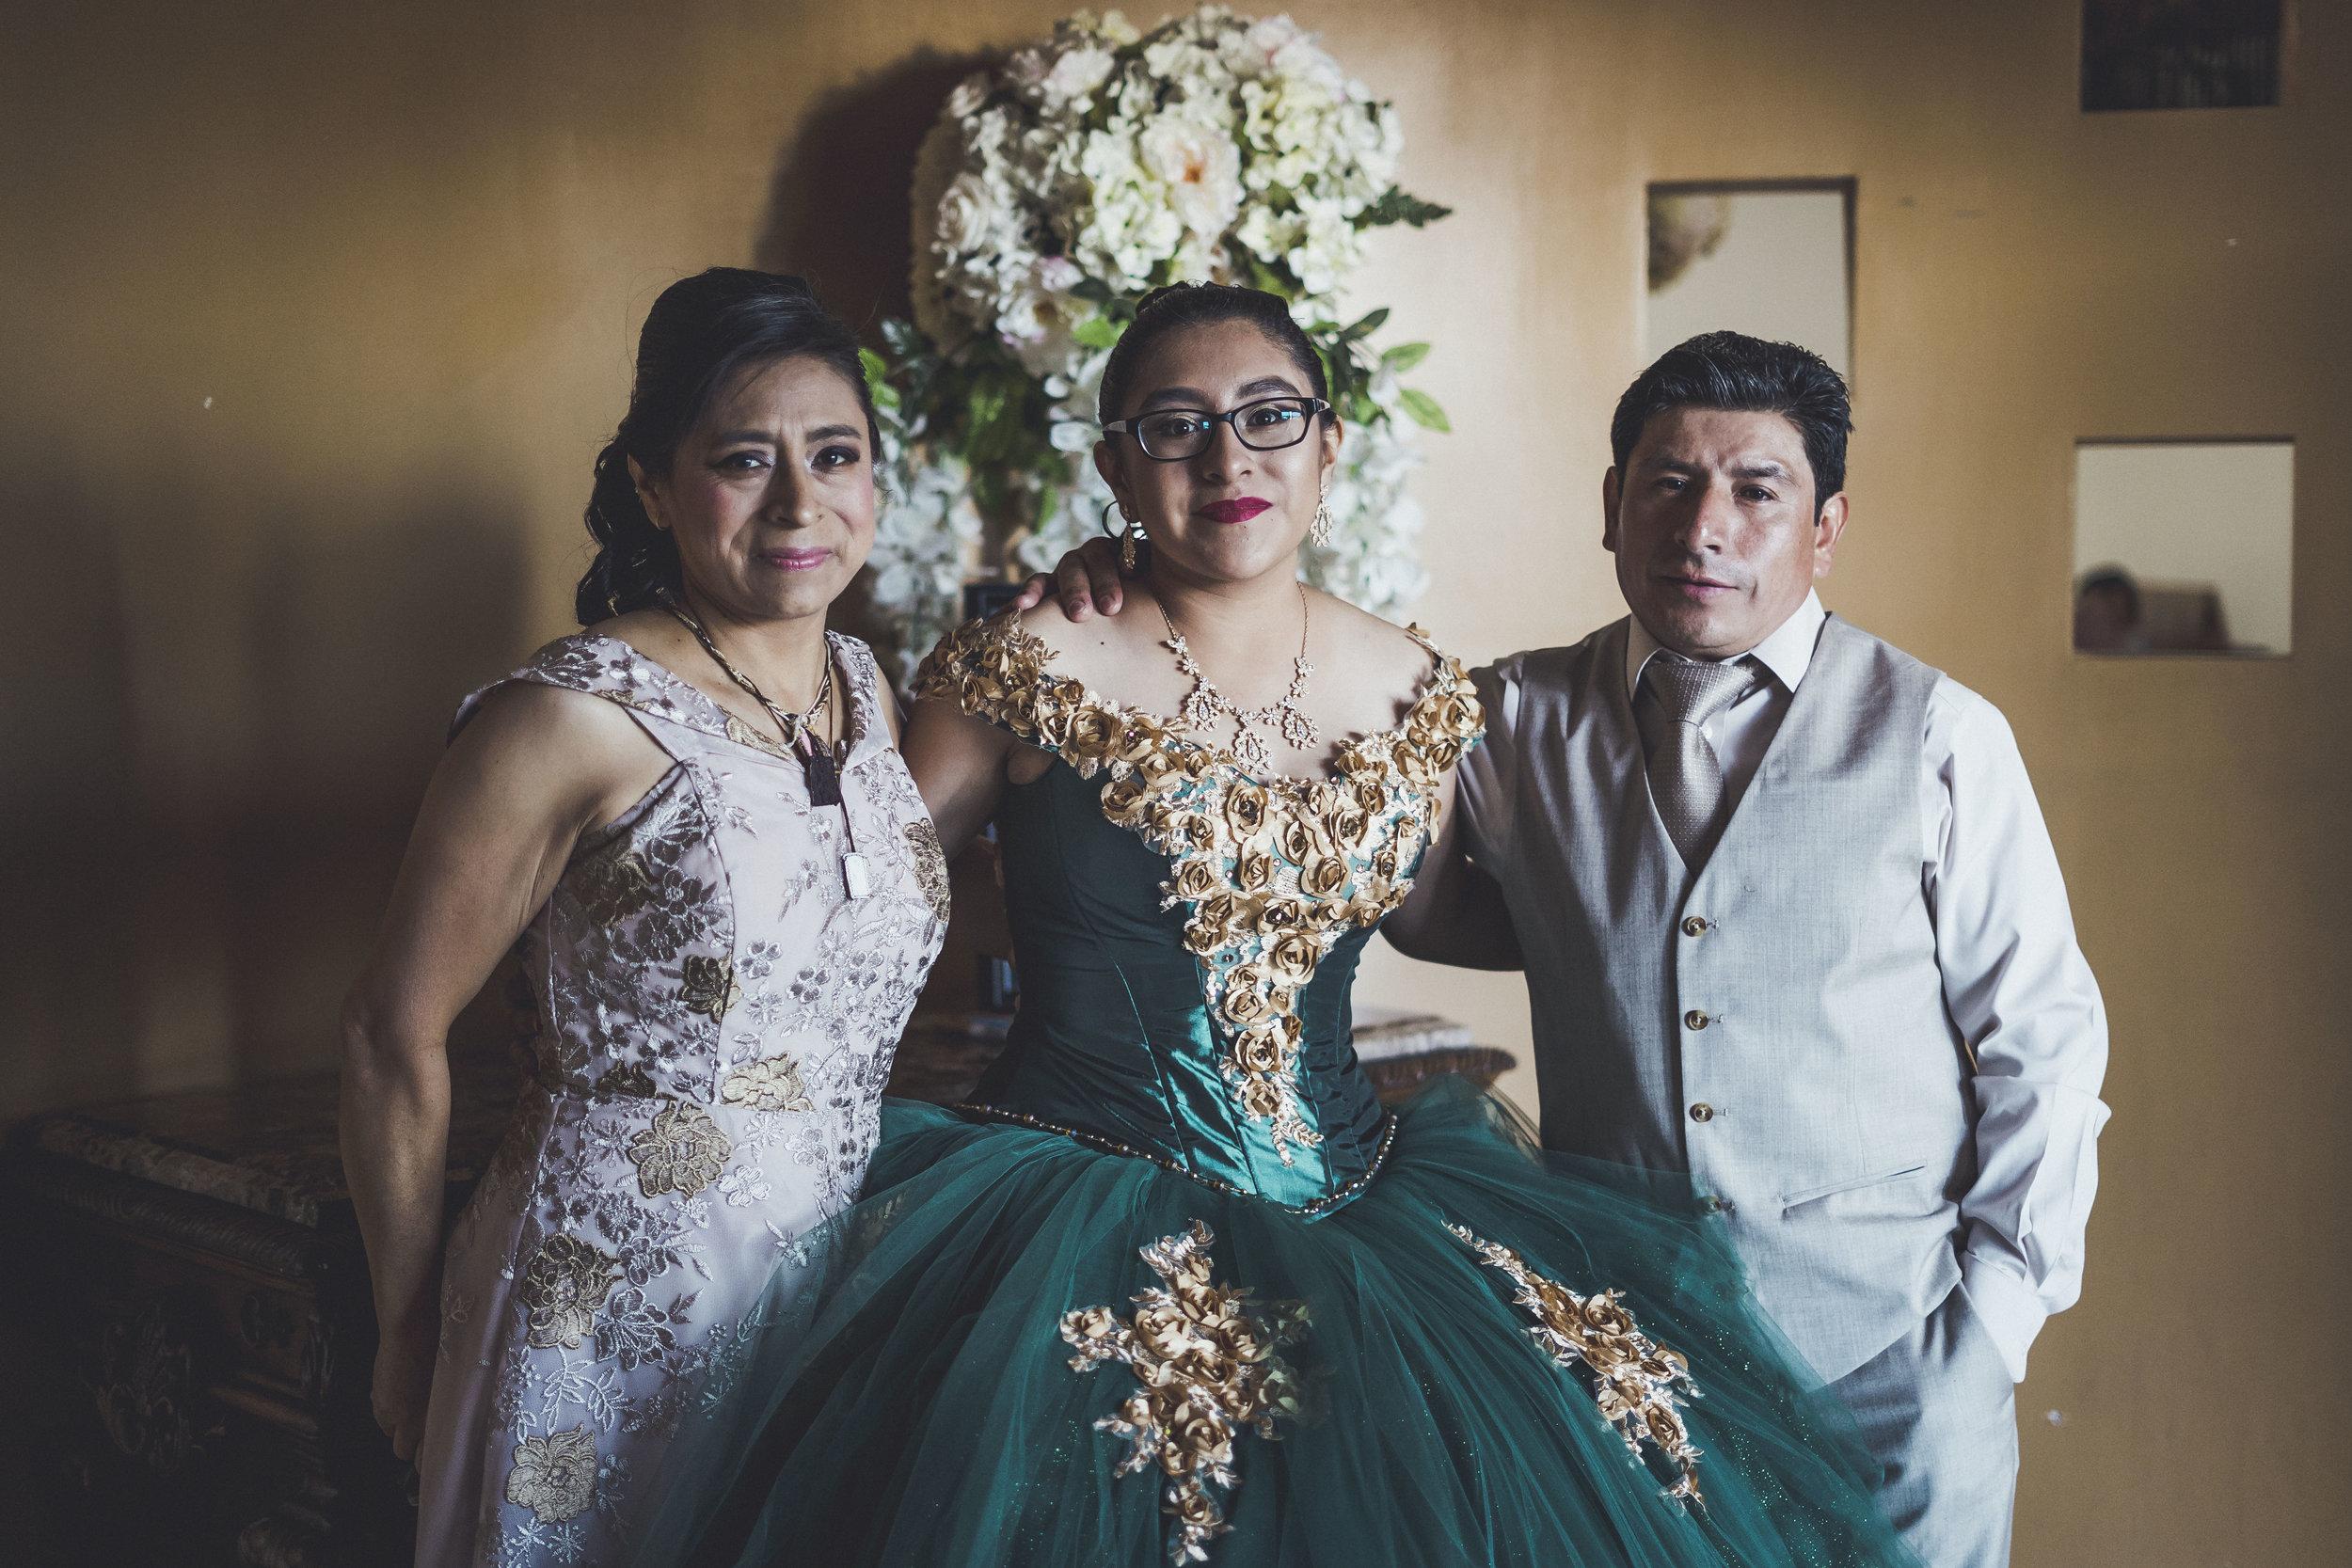 06-07-2019 Quinceañera - Ariana Garcia Maximilliano_6353.jpg